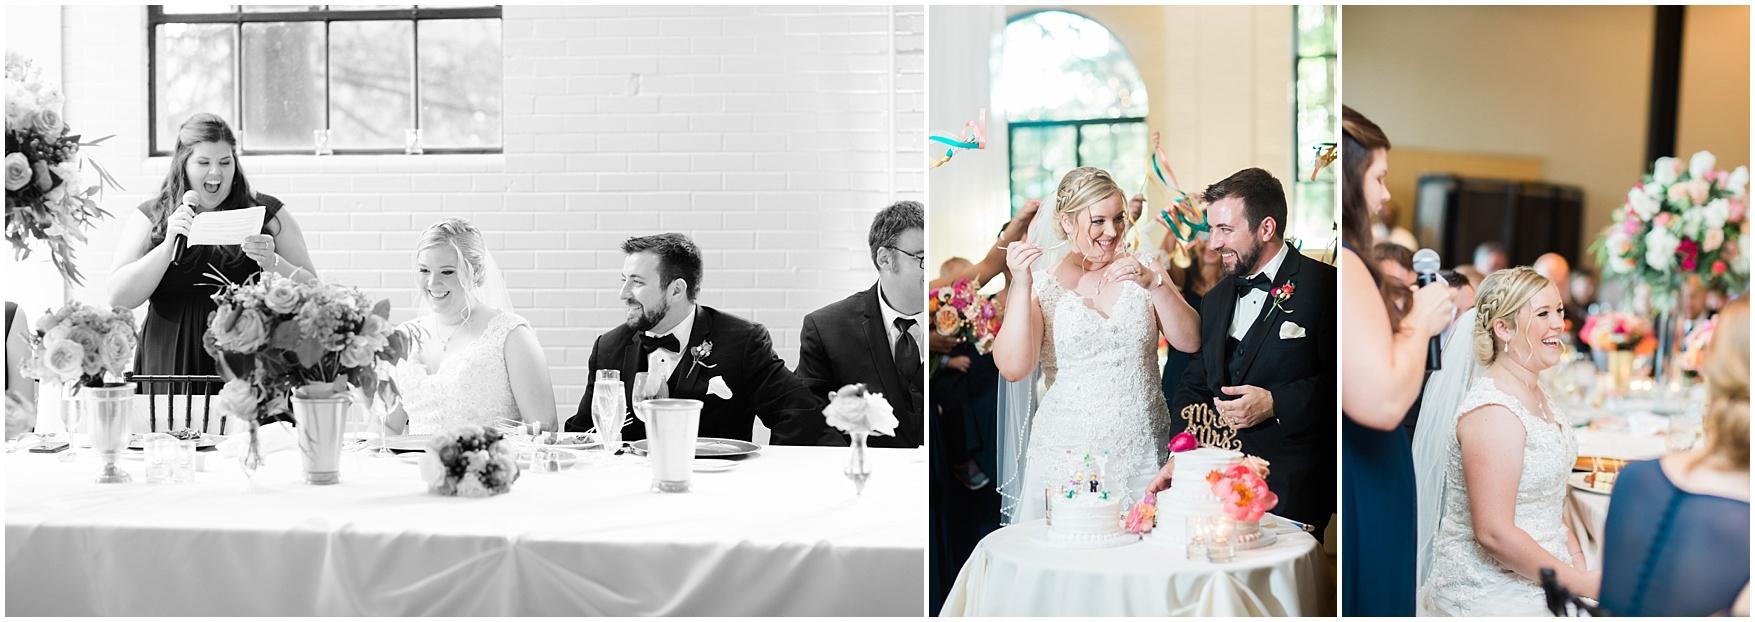 wedding photography st louis_lauren muckler photography_film photographer_film wedding_0184.jpg